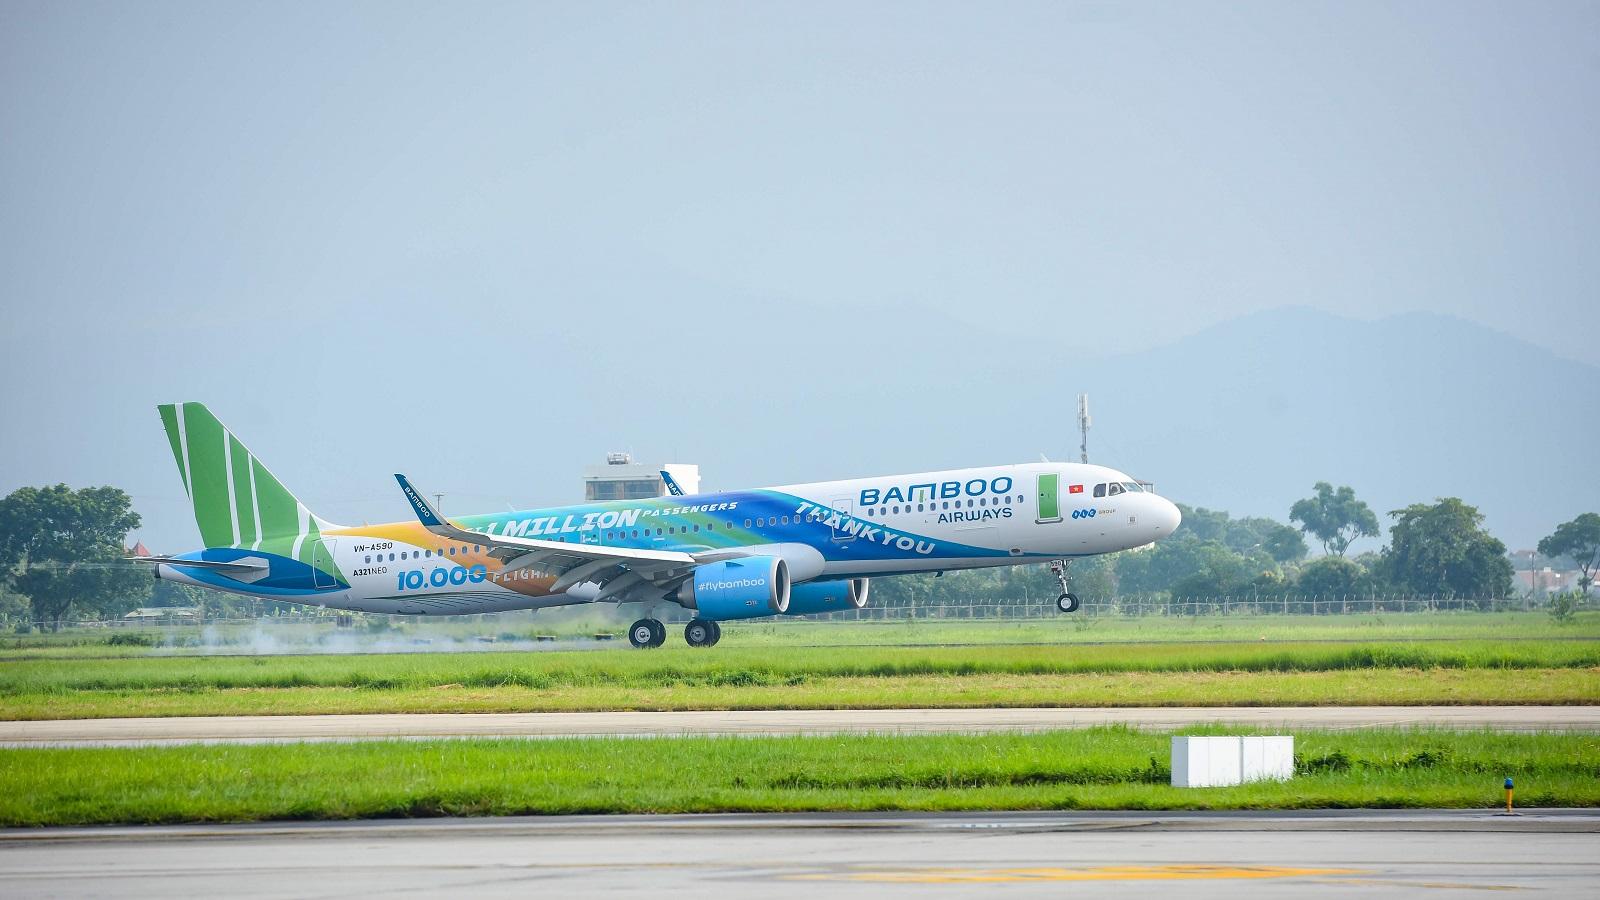 Hình ảnh: Dấu ấn của Bamboo Airways trong hành trình kết nối du lịch miền Trung số 1